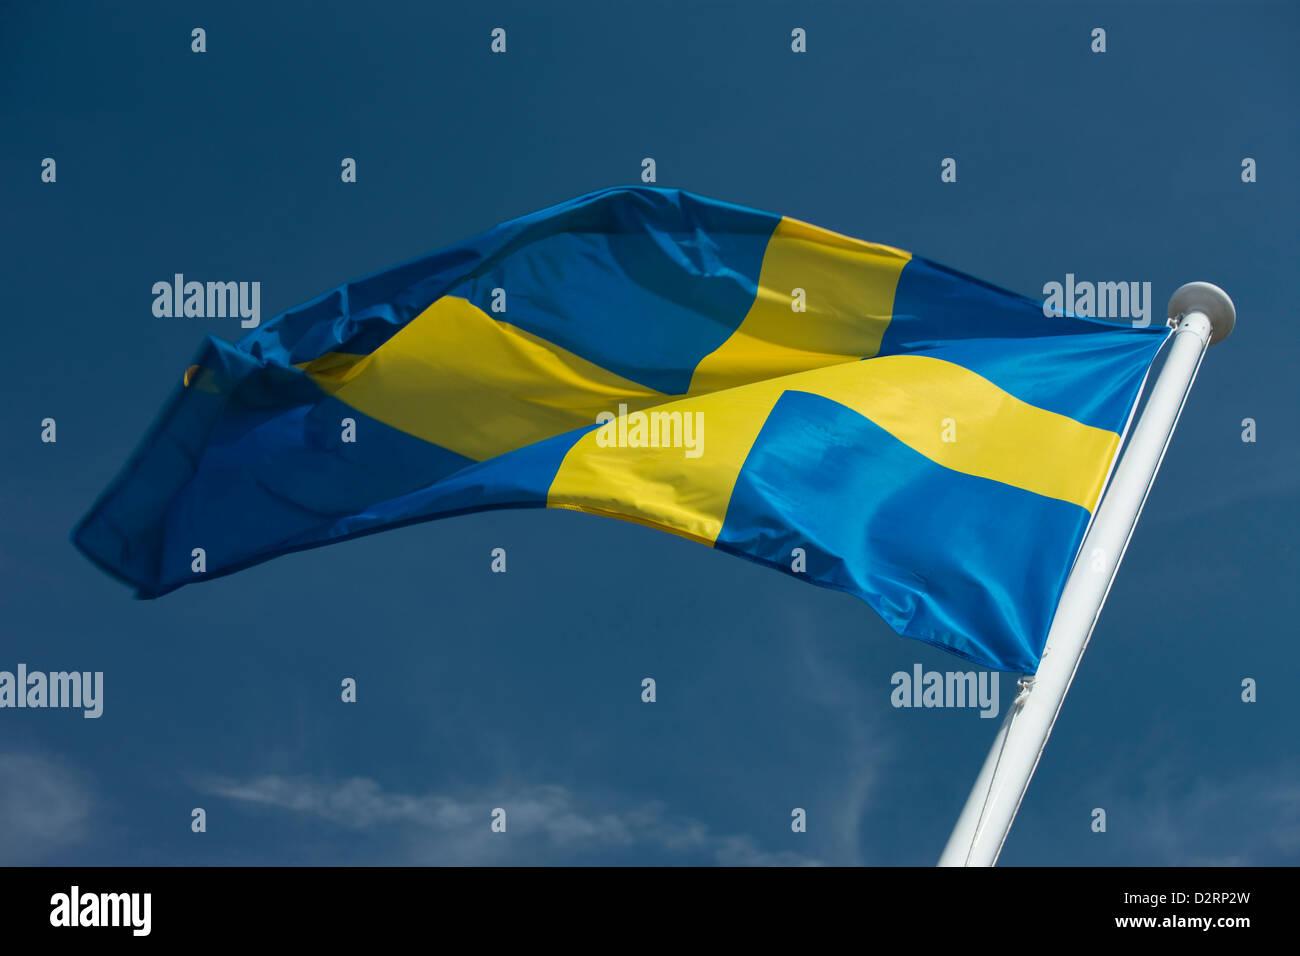 SWEDISH FLAG FLYING ON FLAGPOLE - Stock Image